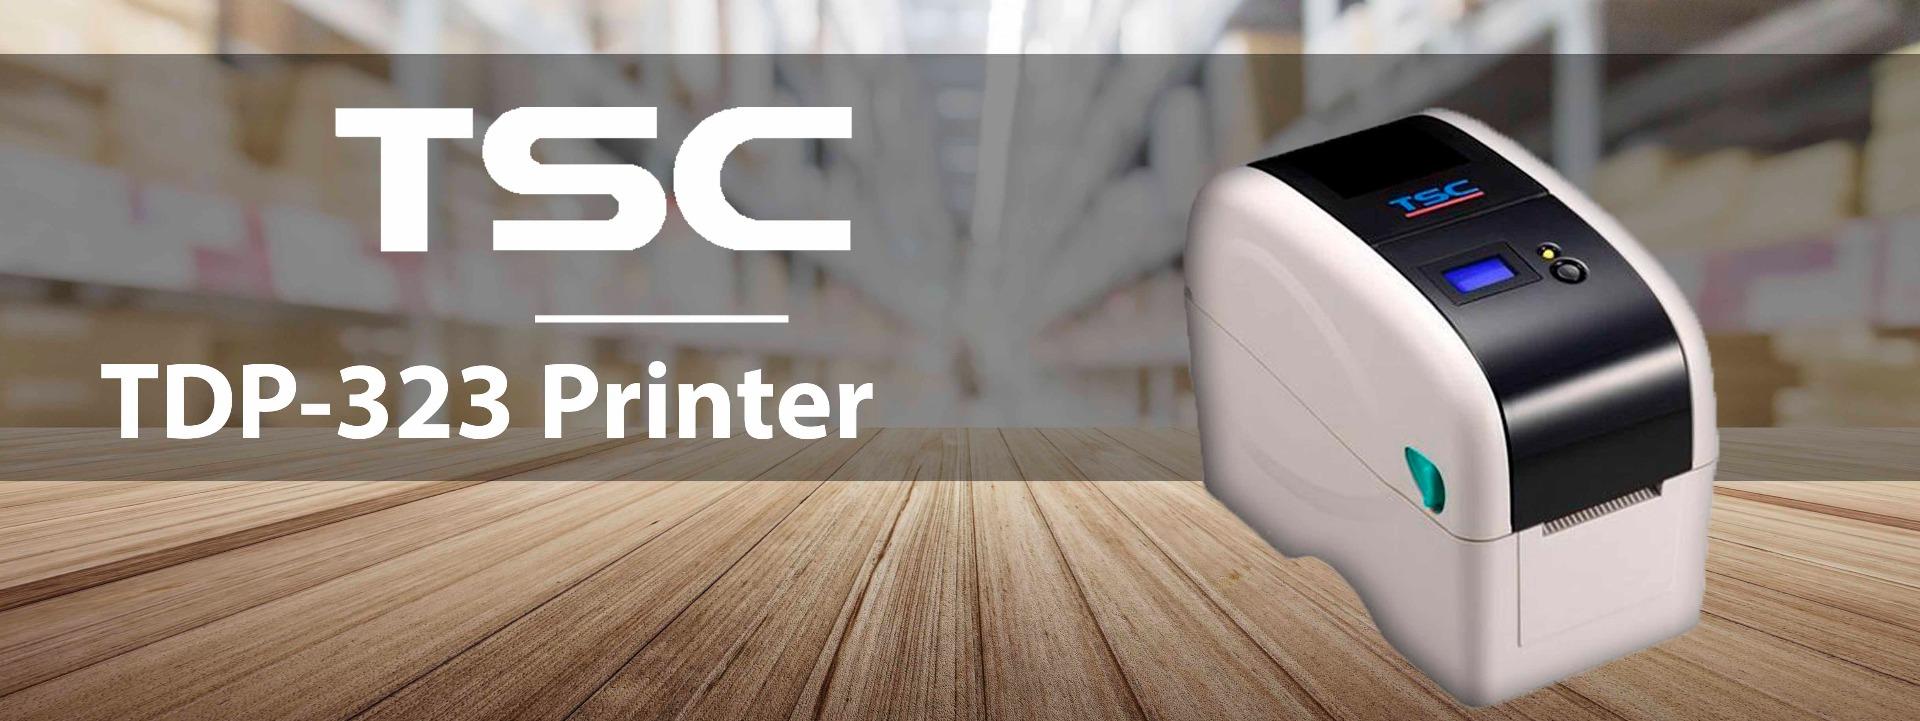 TTP-323 printer banner